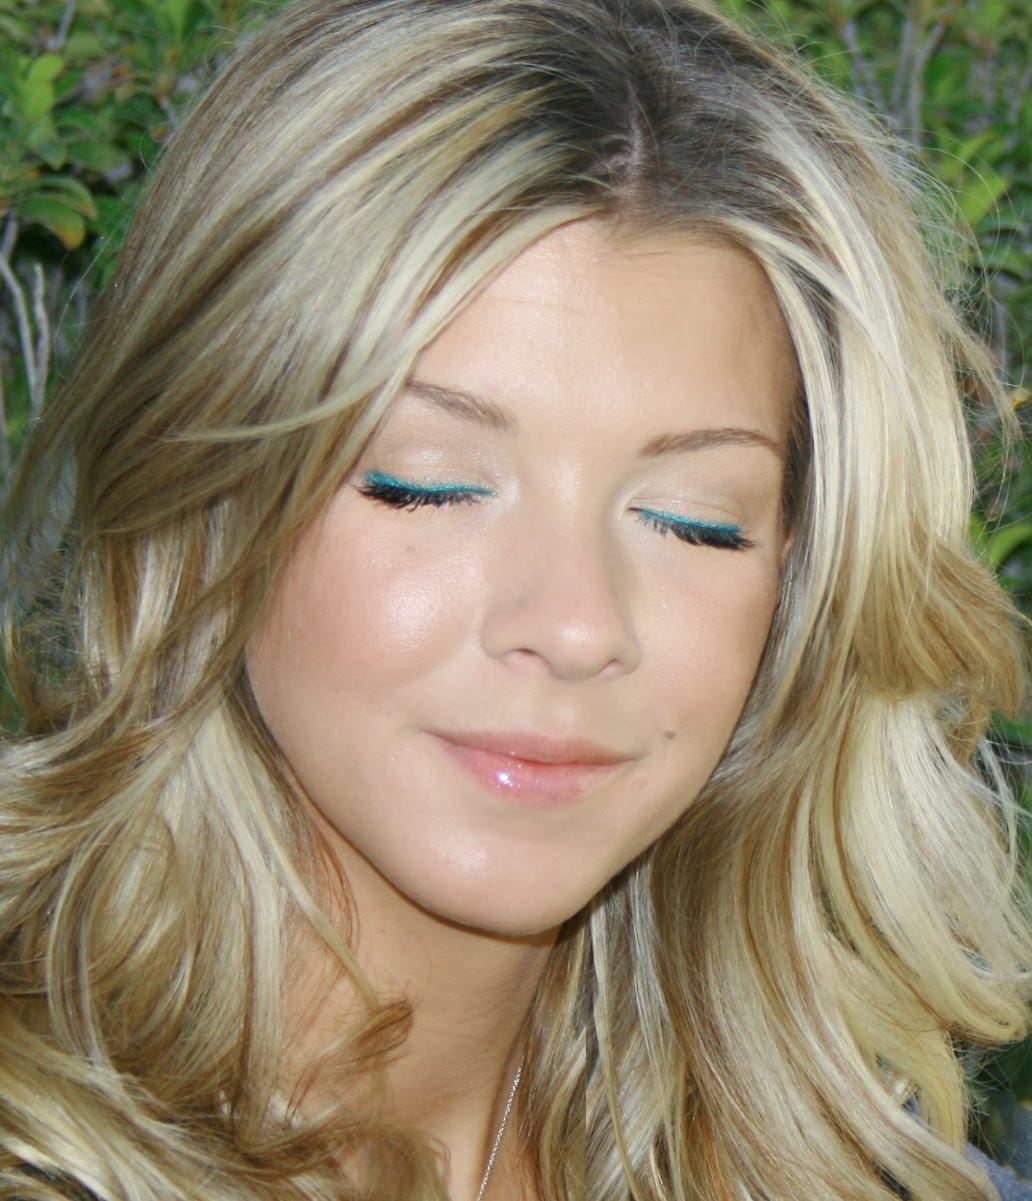 http://2.bp.blogspot.com/_Ka7ZqTWHywU/TAbgARA4fDI/AAAAAAAADBc/P-7sG1P8A08/s1600/eyeliner3+copy.jpg